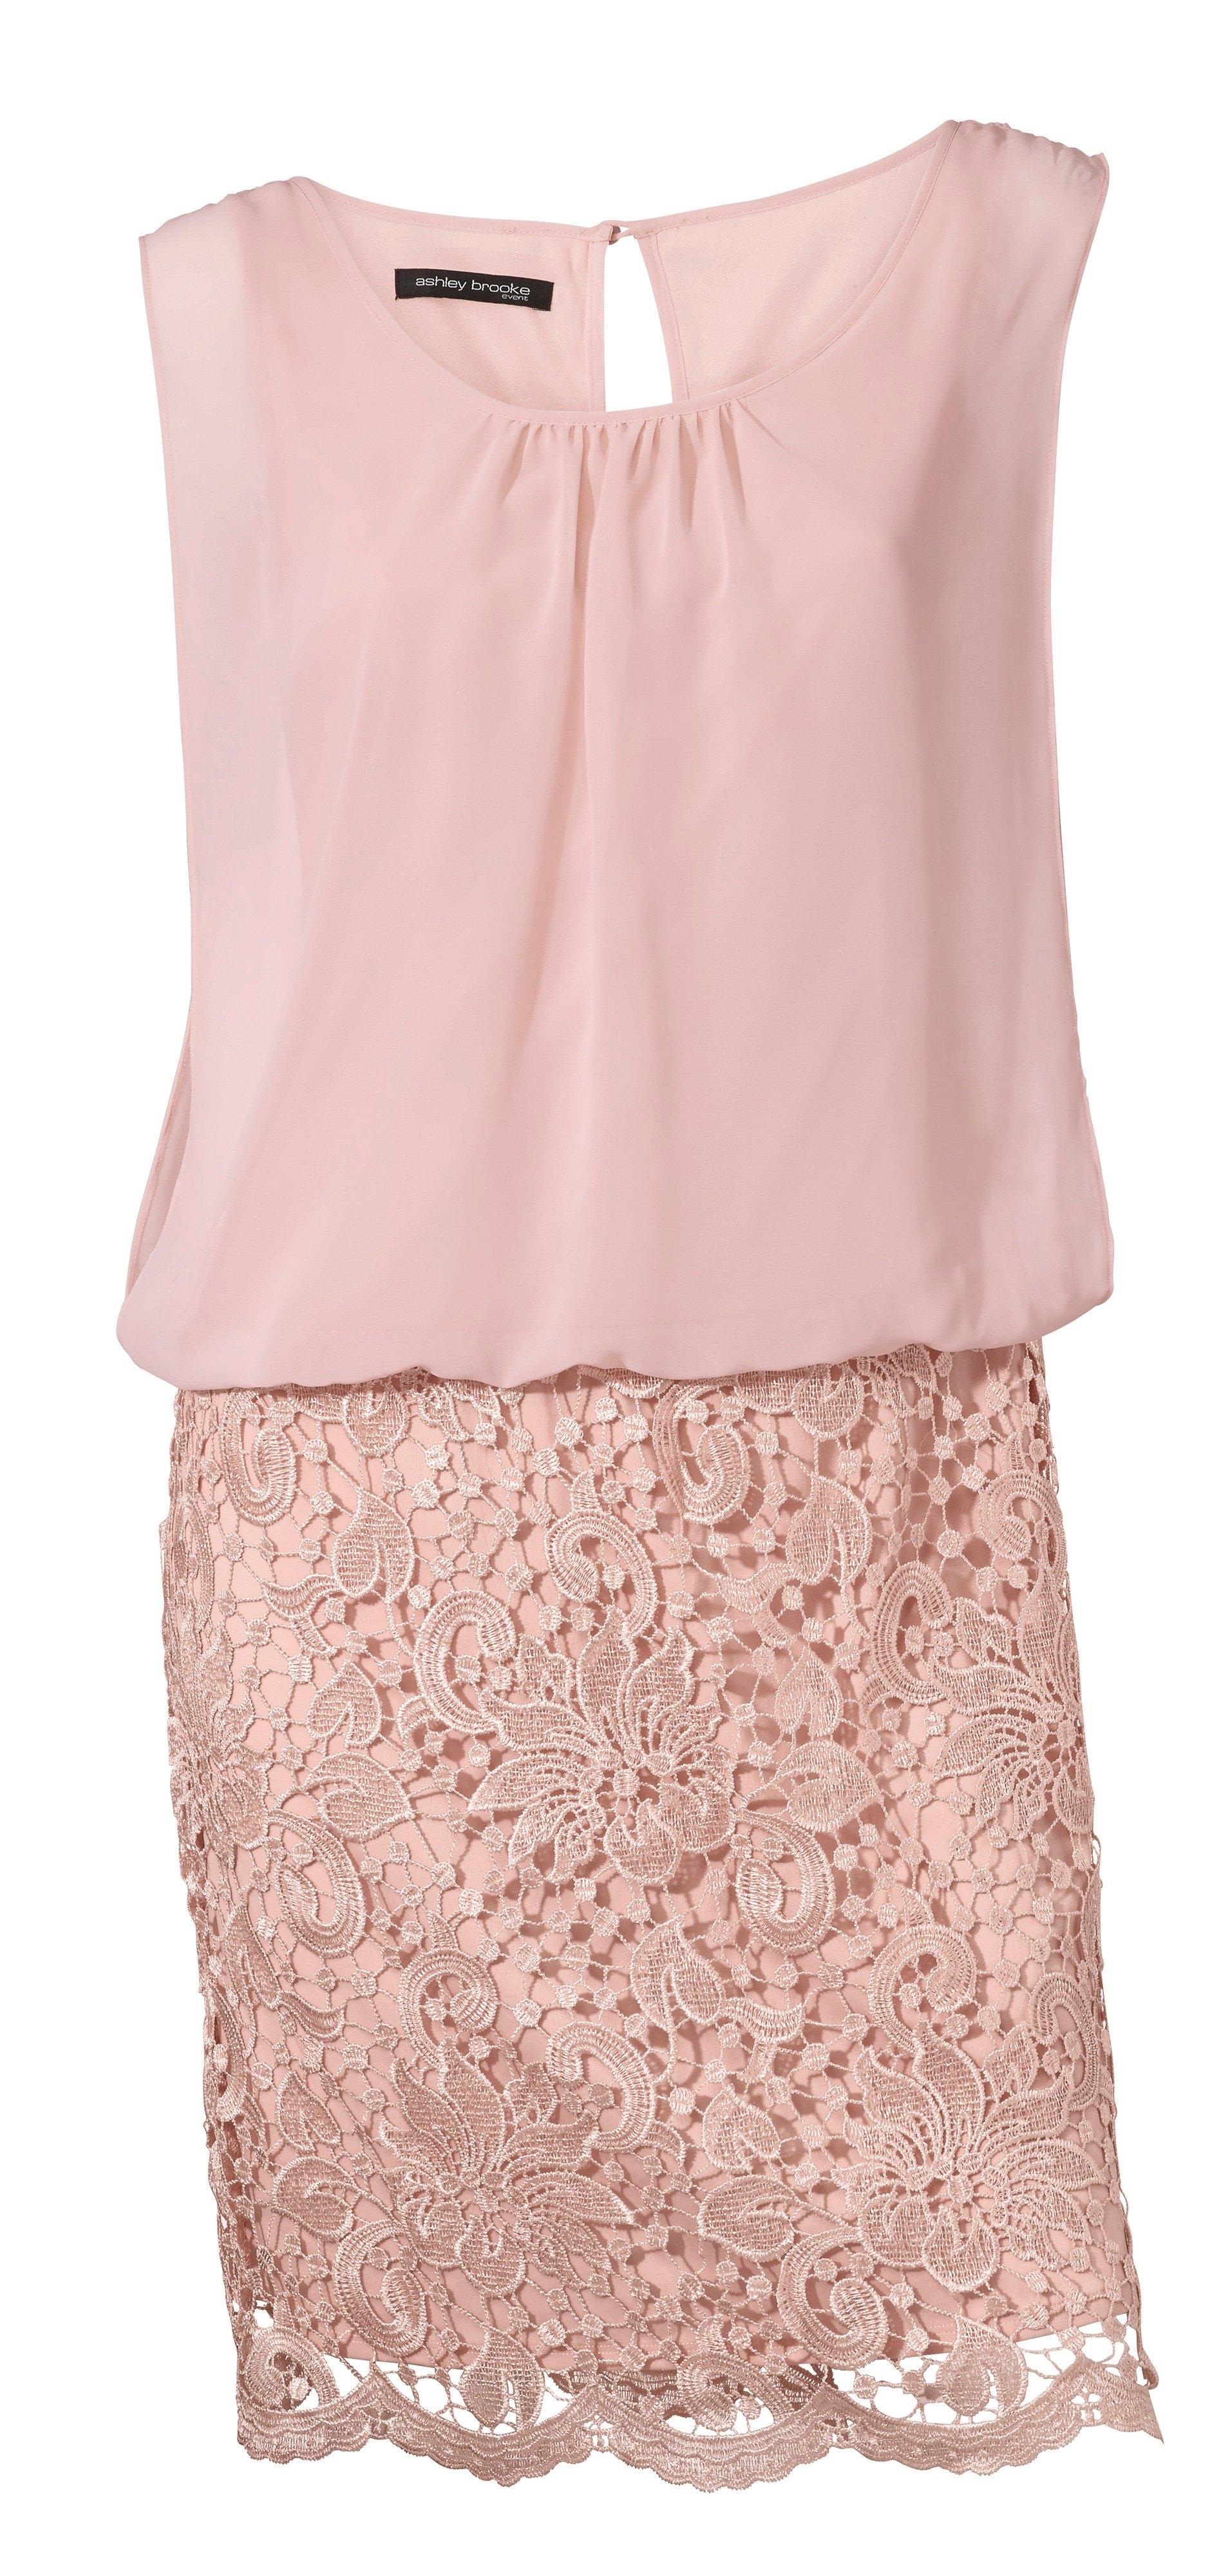 heine Kanten jurk nu online kopen bij OTTO